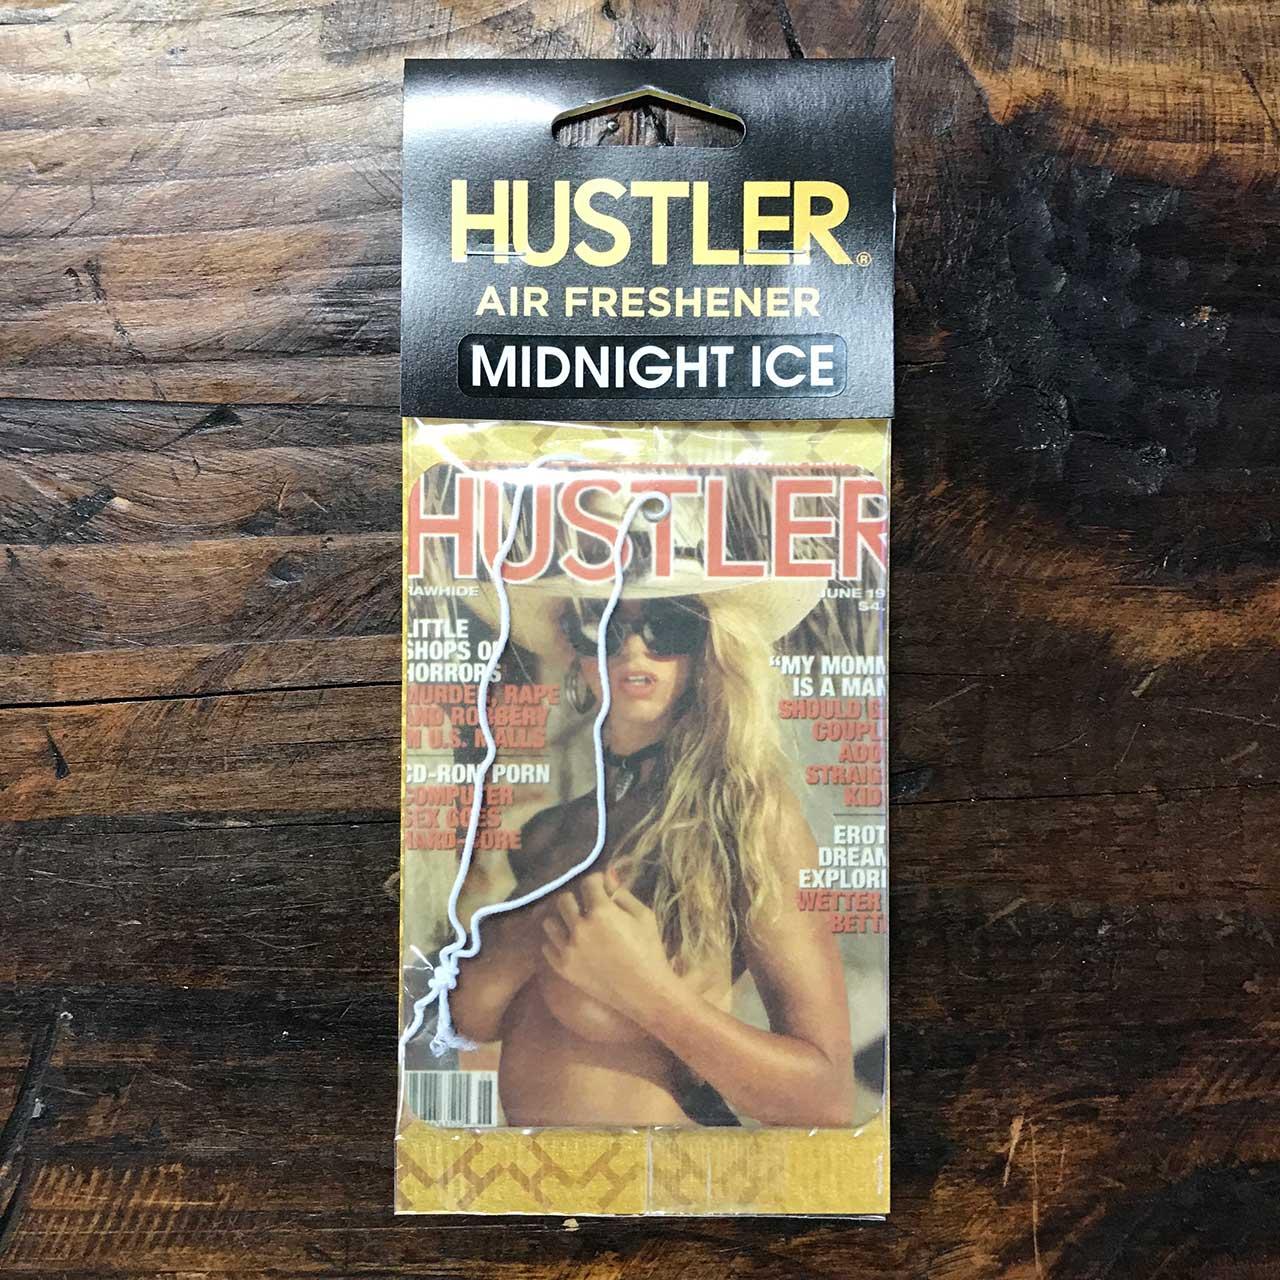 HUSTLERセクシーガールエアフレッシュナー・芳香剤・ミッドナイトアイス(ブラックアイス風)1994-06